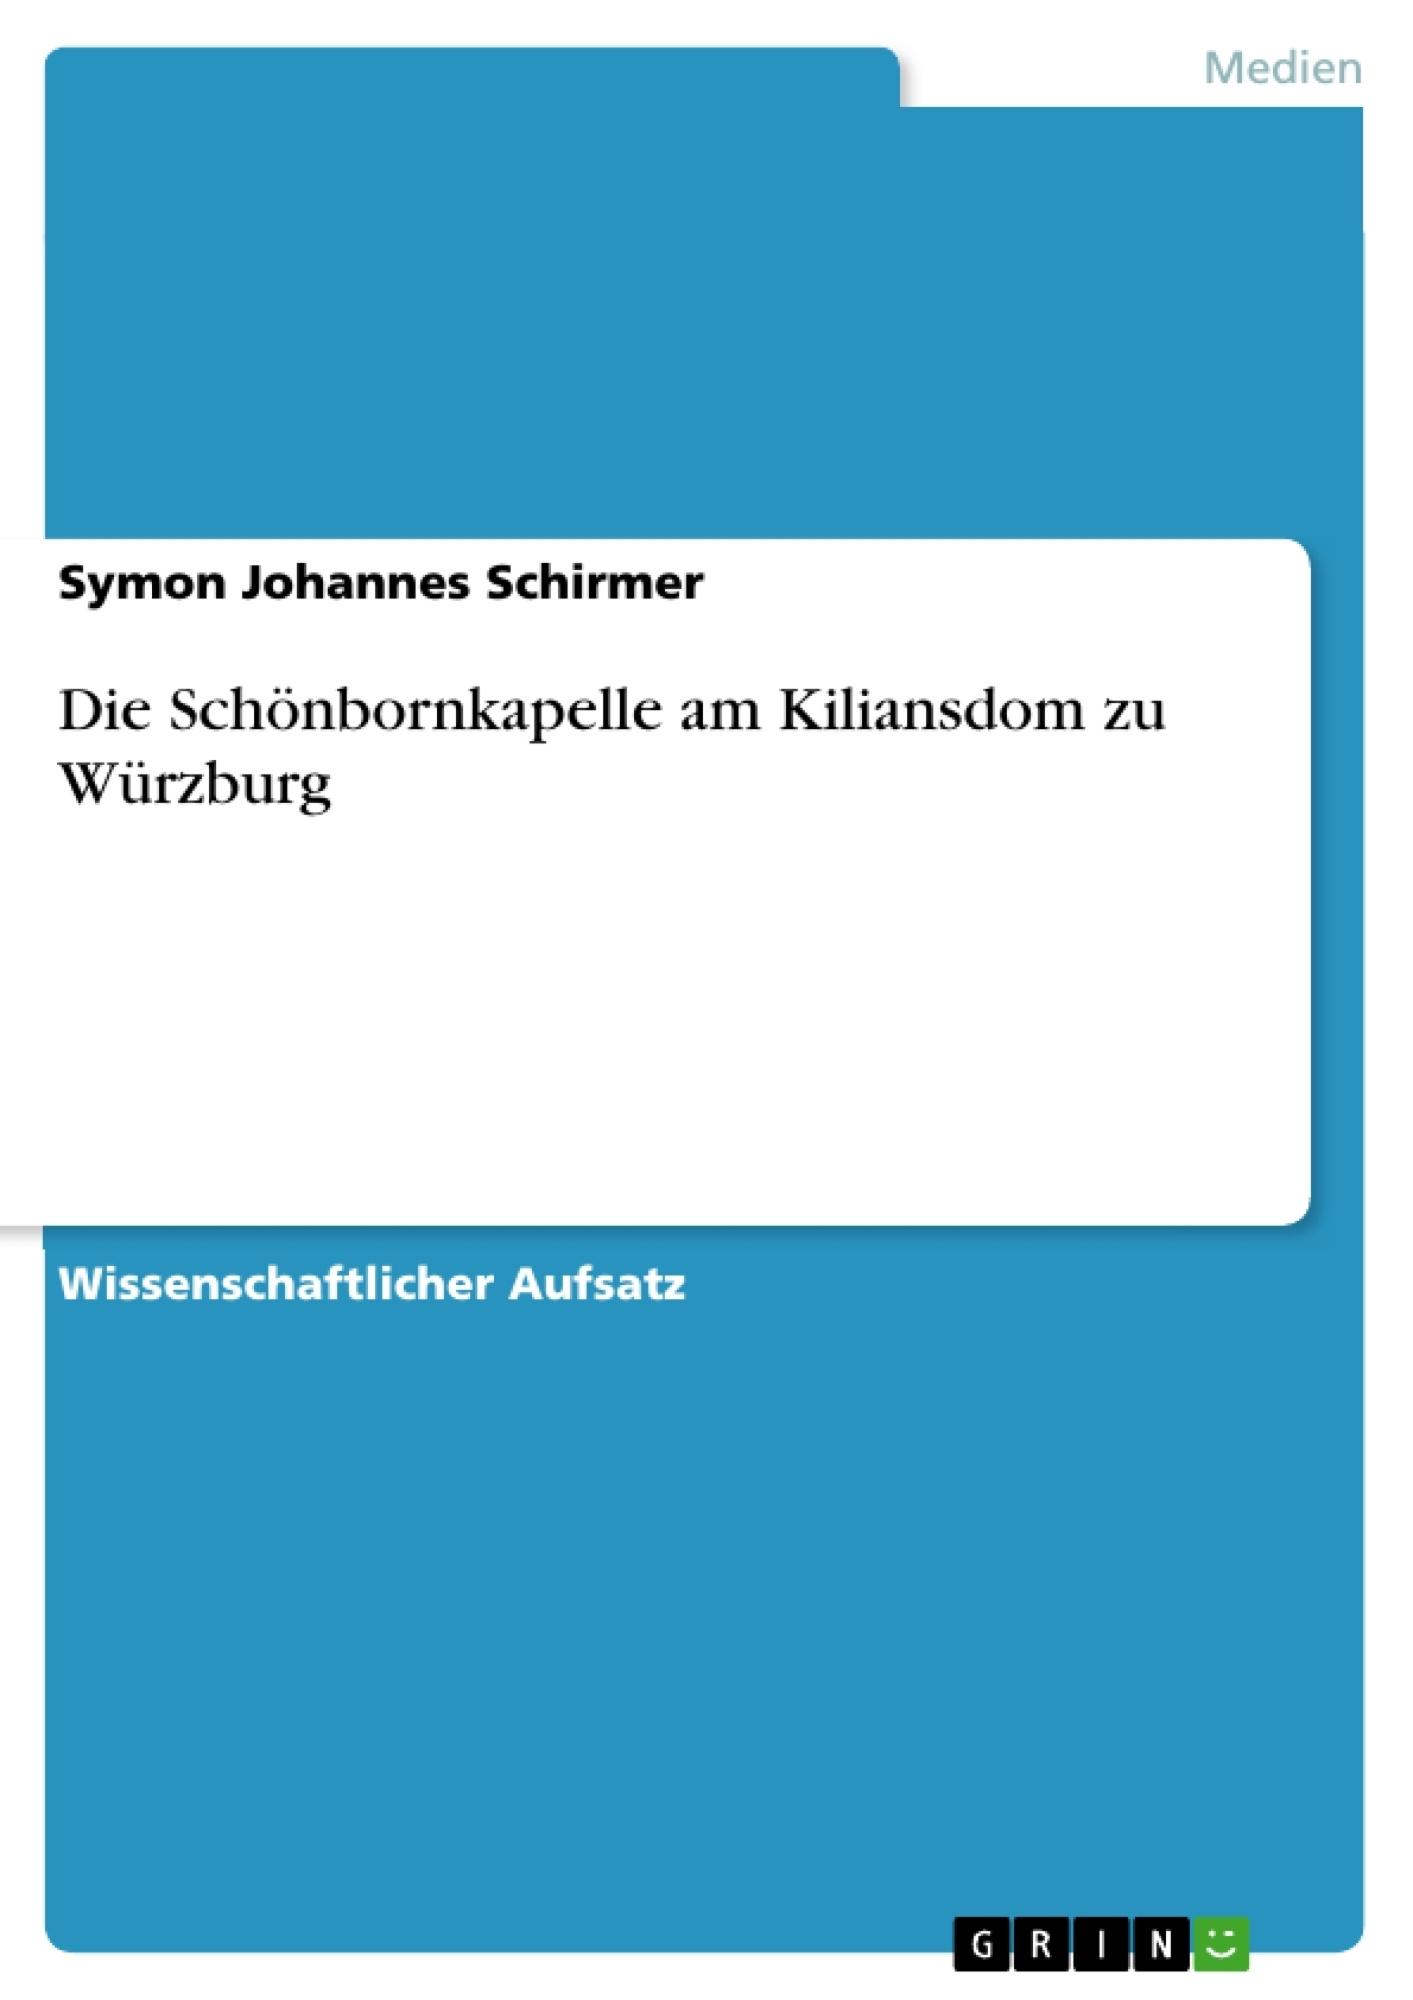 Titel: Die Schönbornkapelle am Kiliansdom zu Würzburg